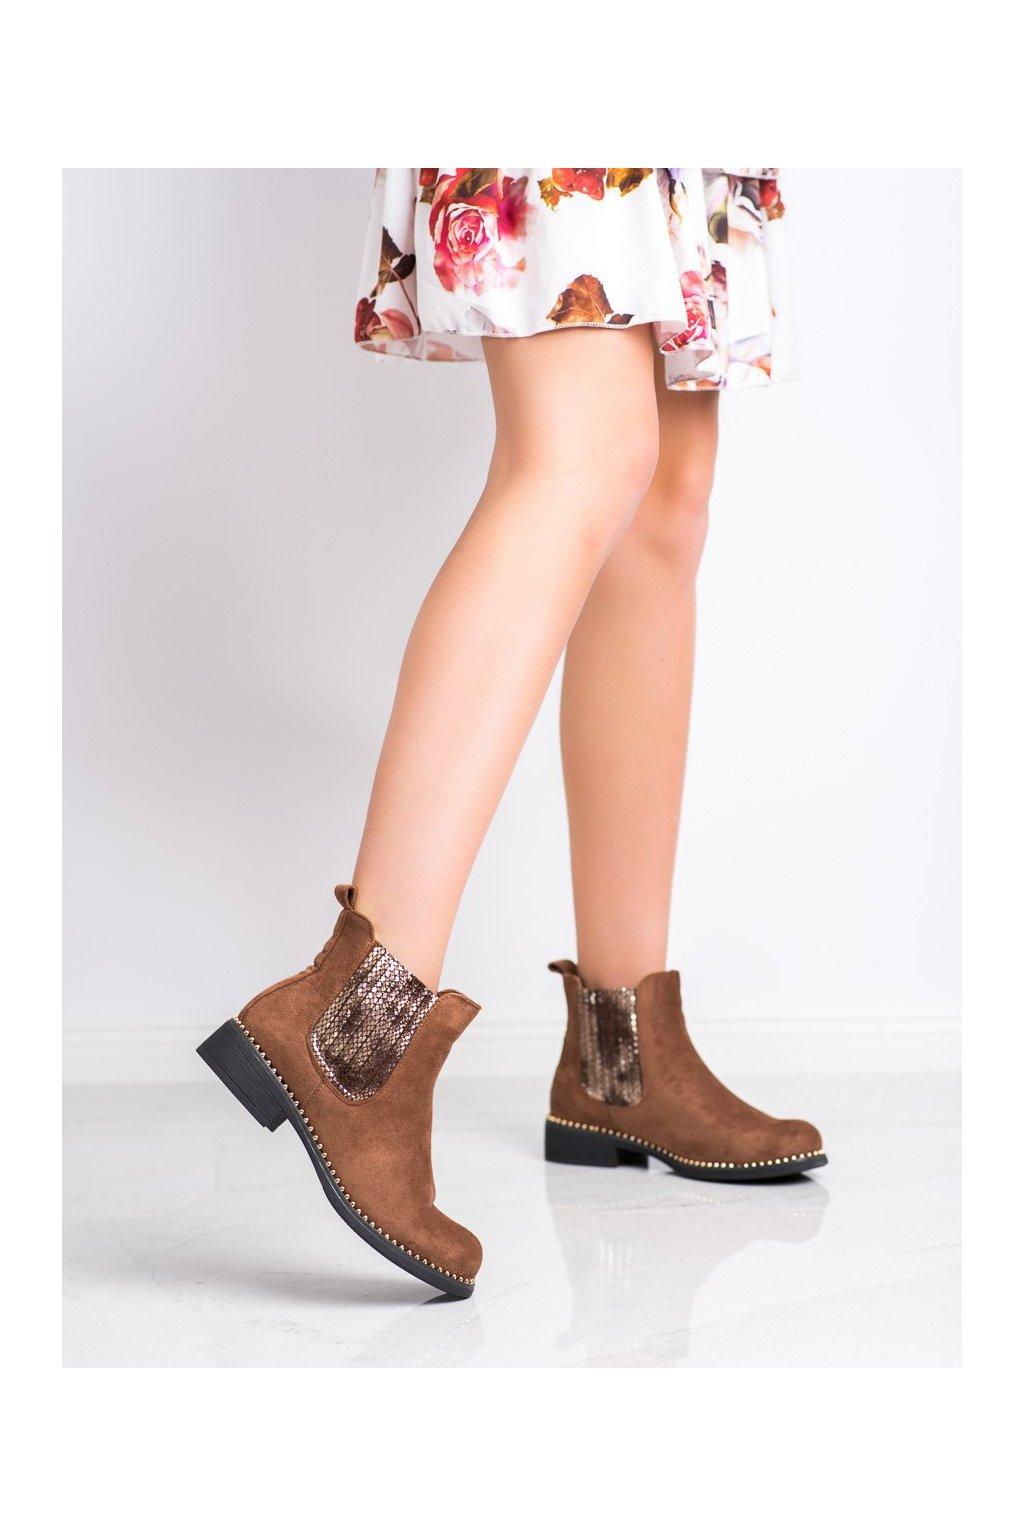 Hnedé dámske topánky Shelovet kod HQ231C